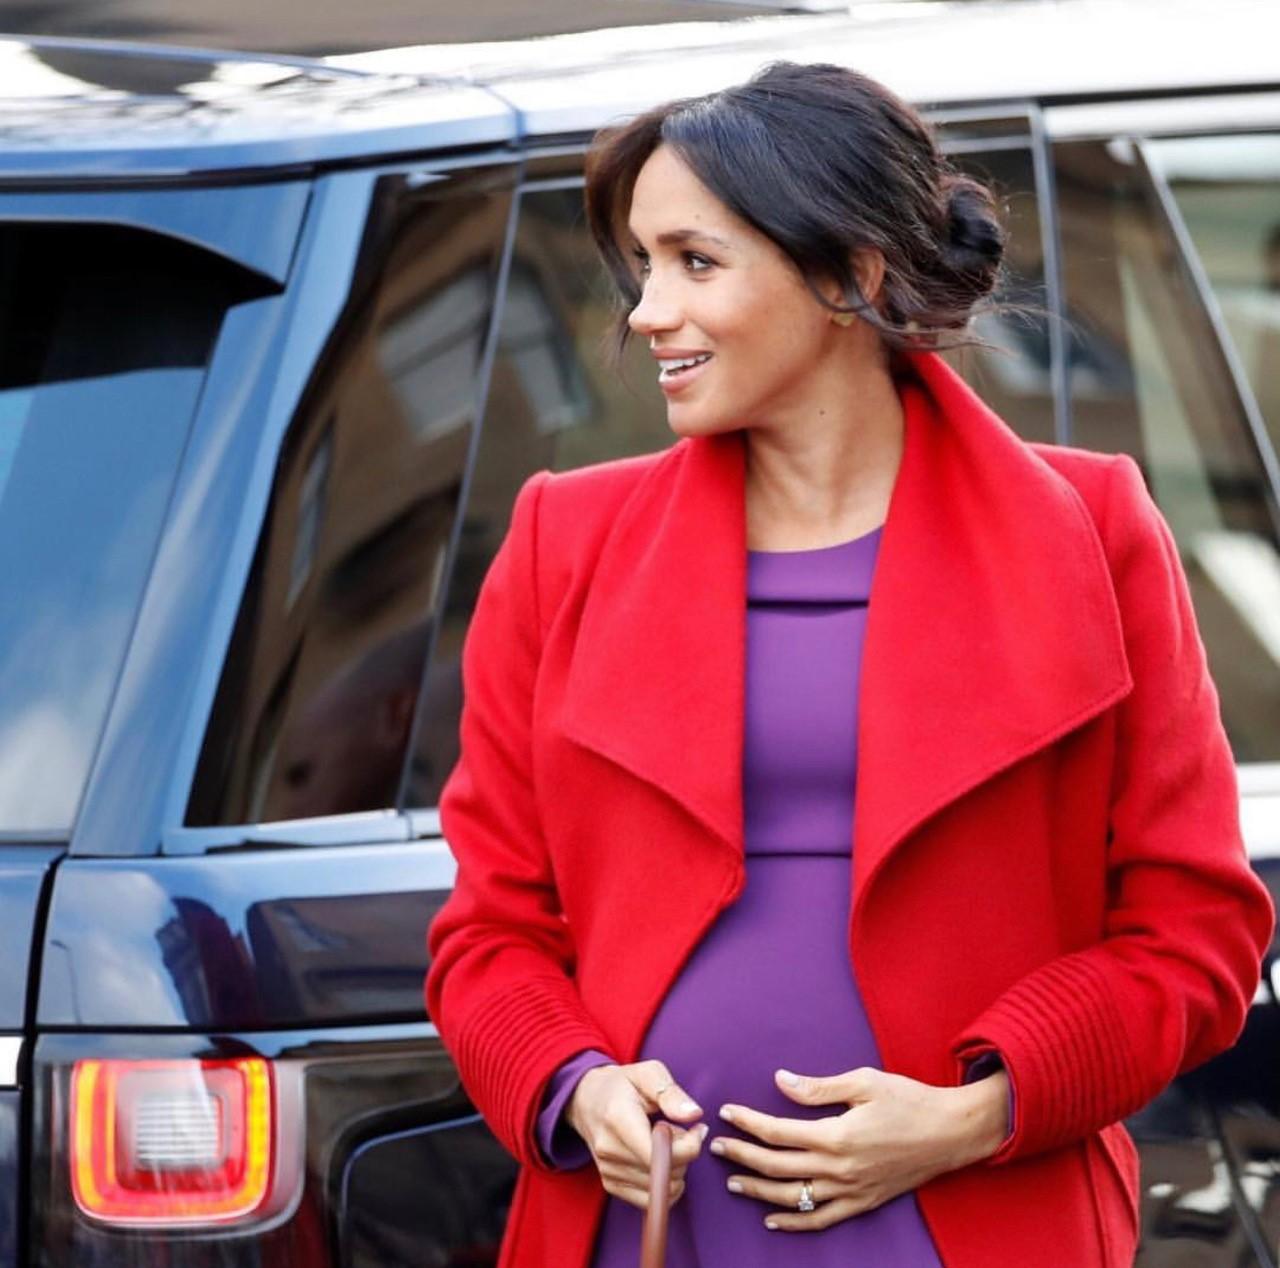 colorido look de embarazada